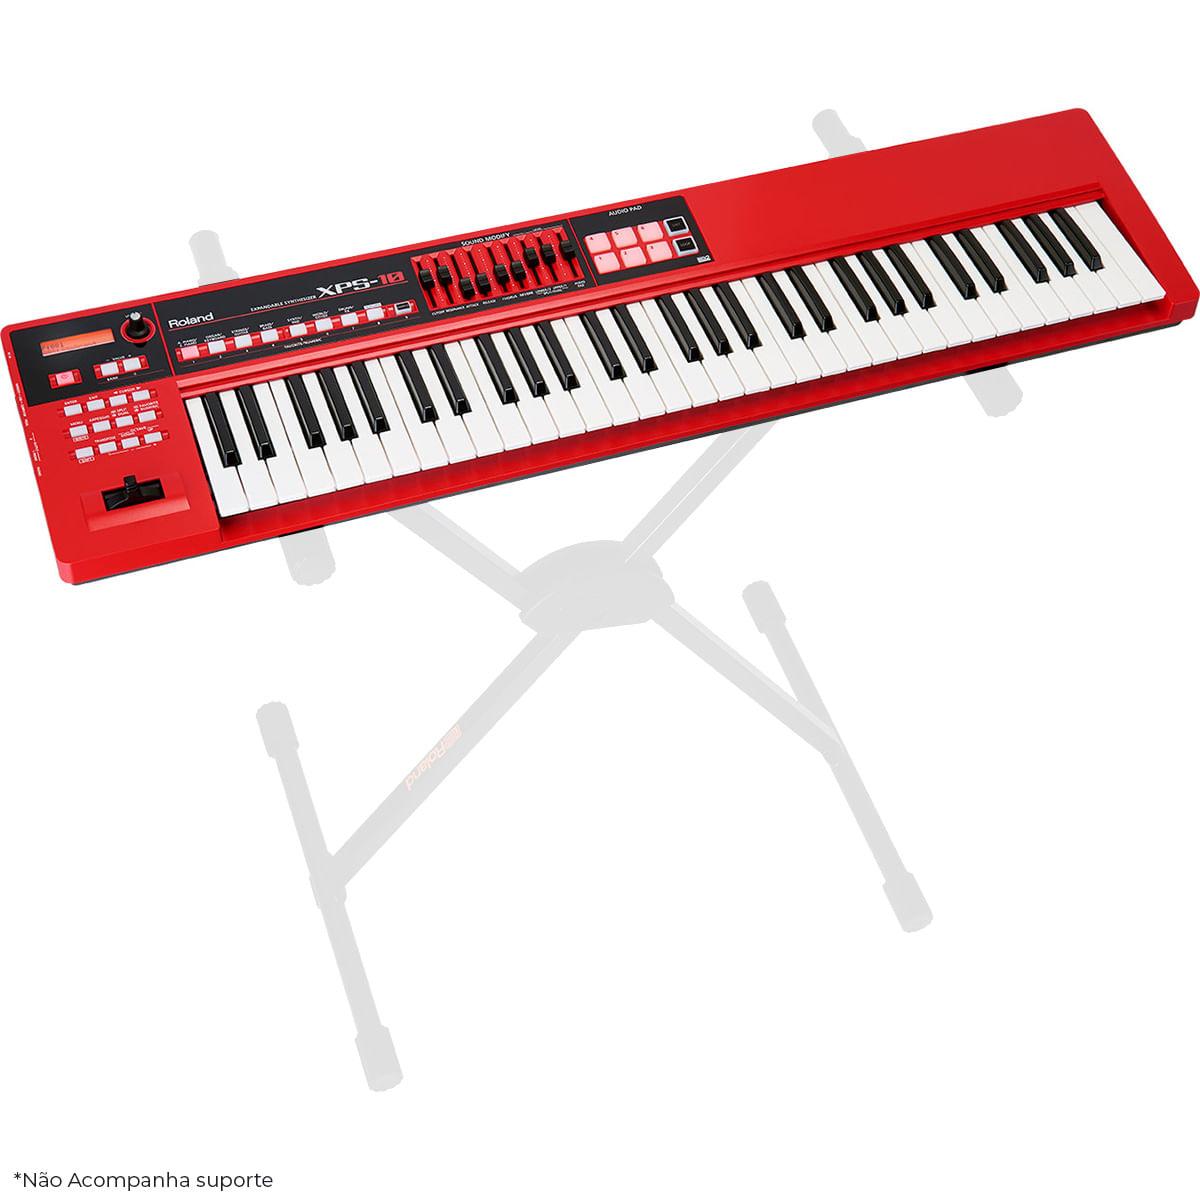 sintetizador-61-teclas-xps-10-rd-roland-29970-5